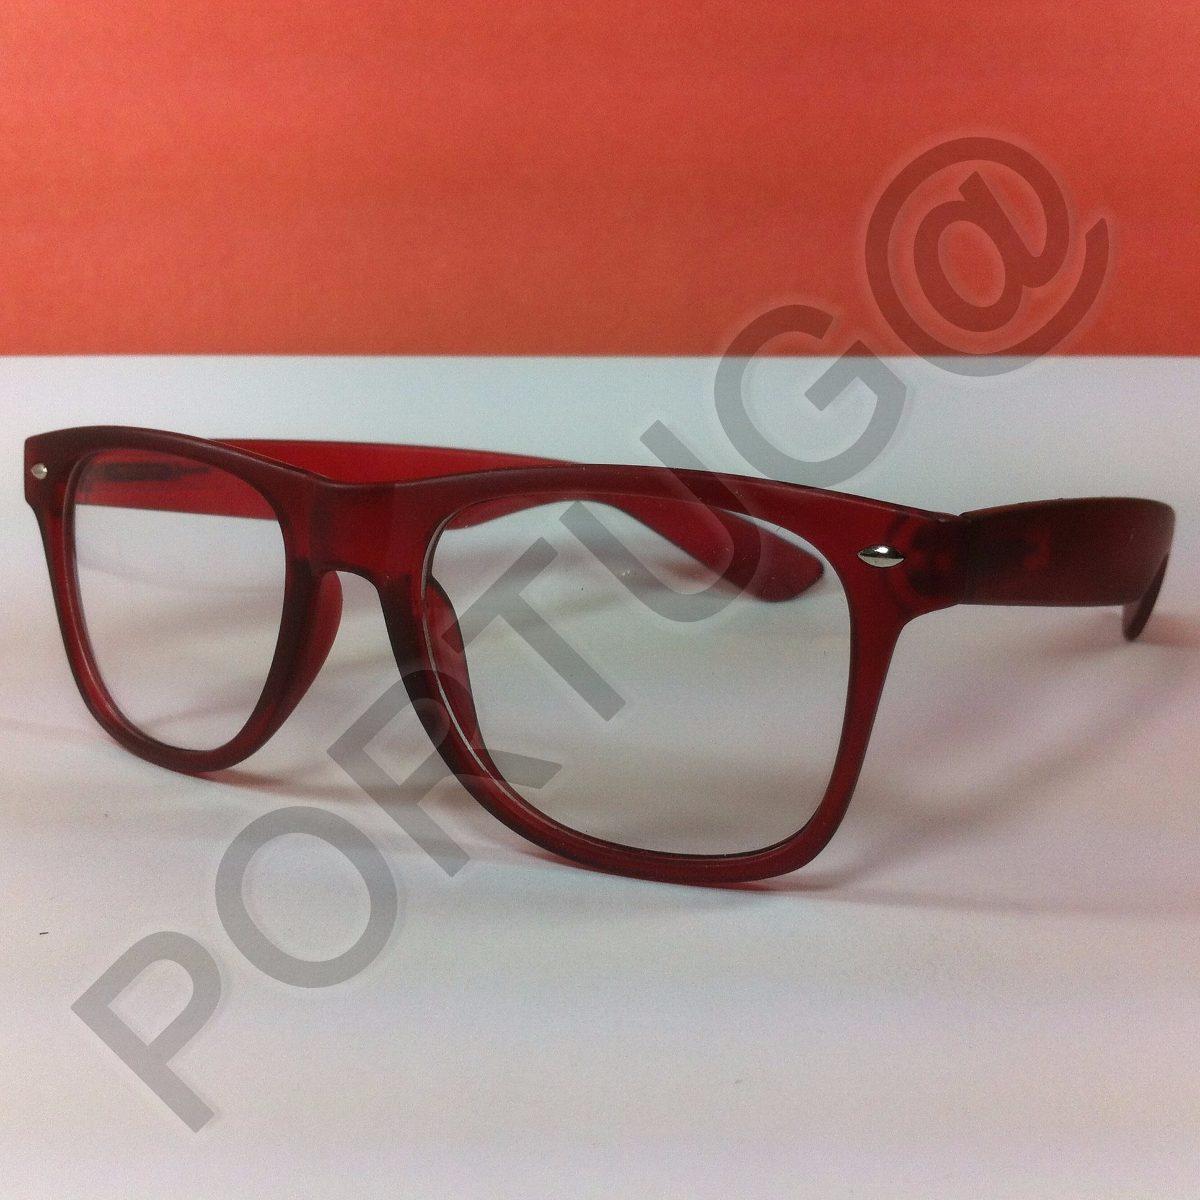 4675922fd0058 armação vermelha transparente wayfa óculos lentes sem grau. Carregando zoom.